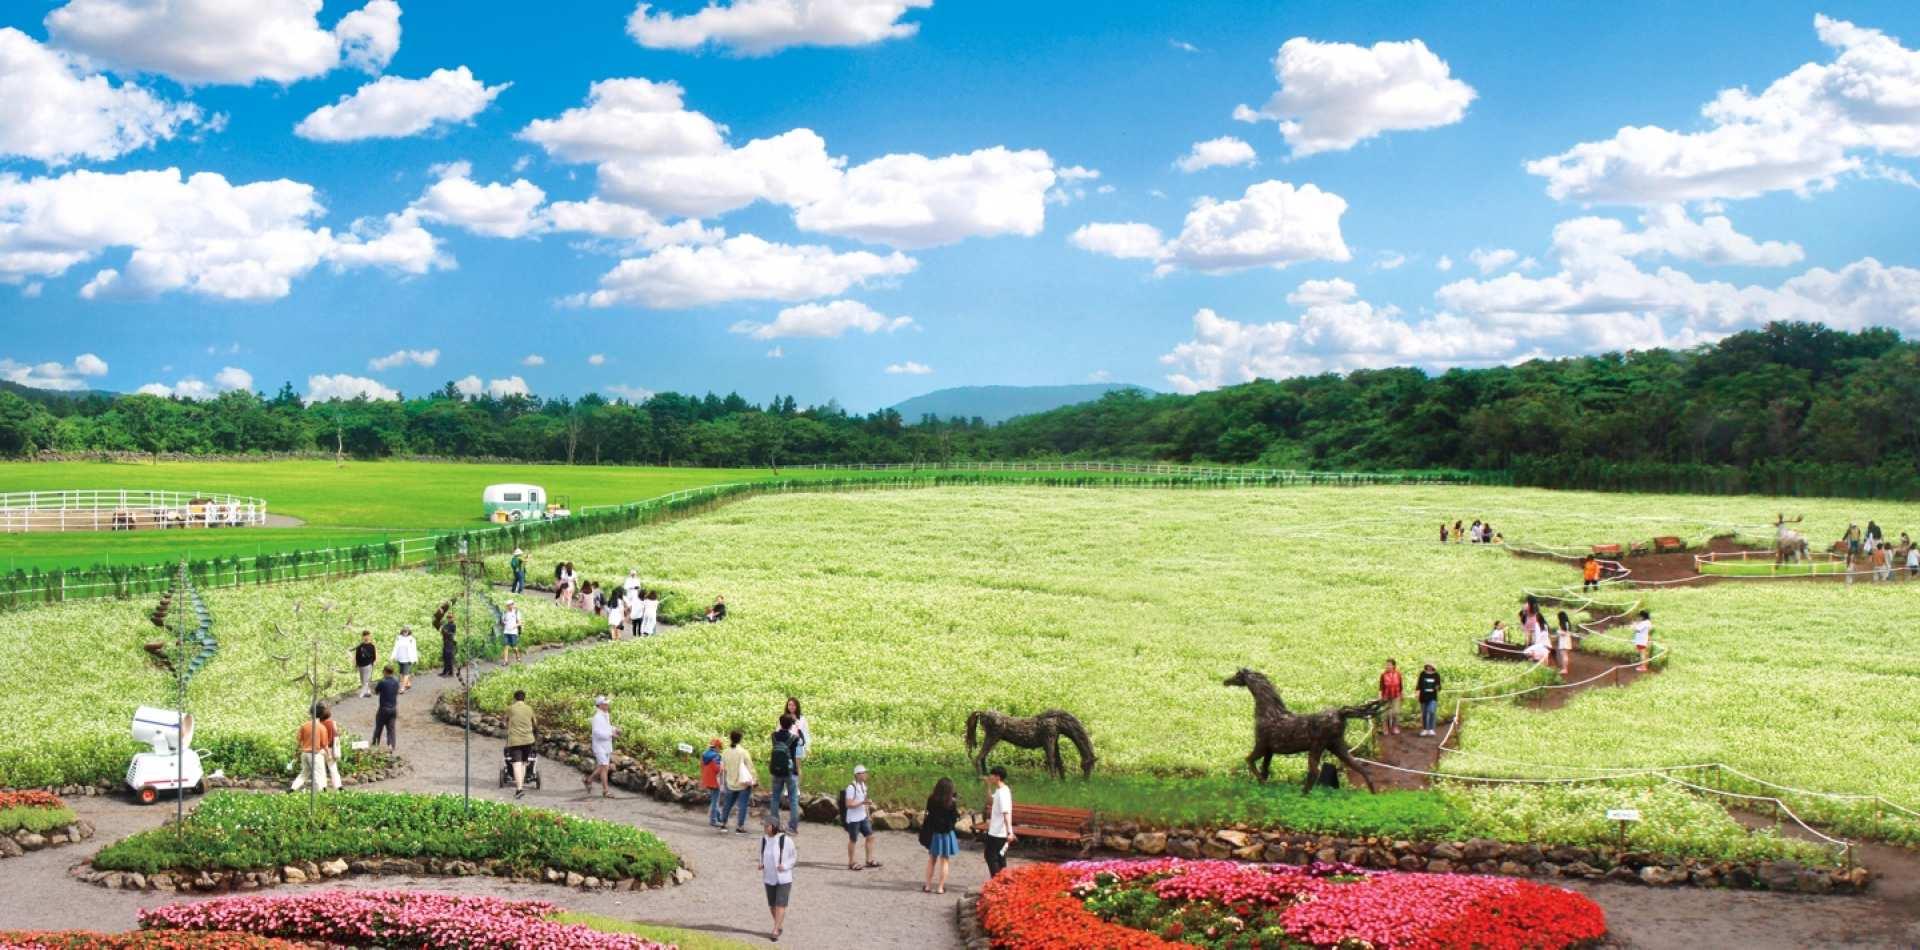 【濟州人氣景點一日遊】濟州牛島+ECOLAND 森林小火車生態公園+早晨微笑牧場冰淇淋製作體驗